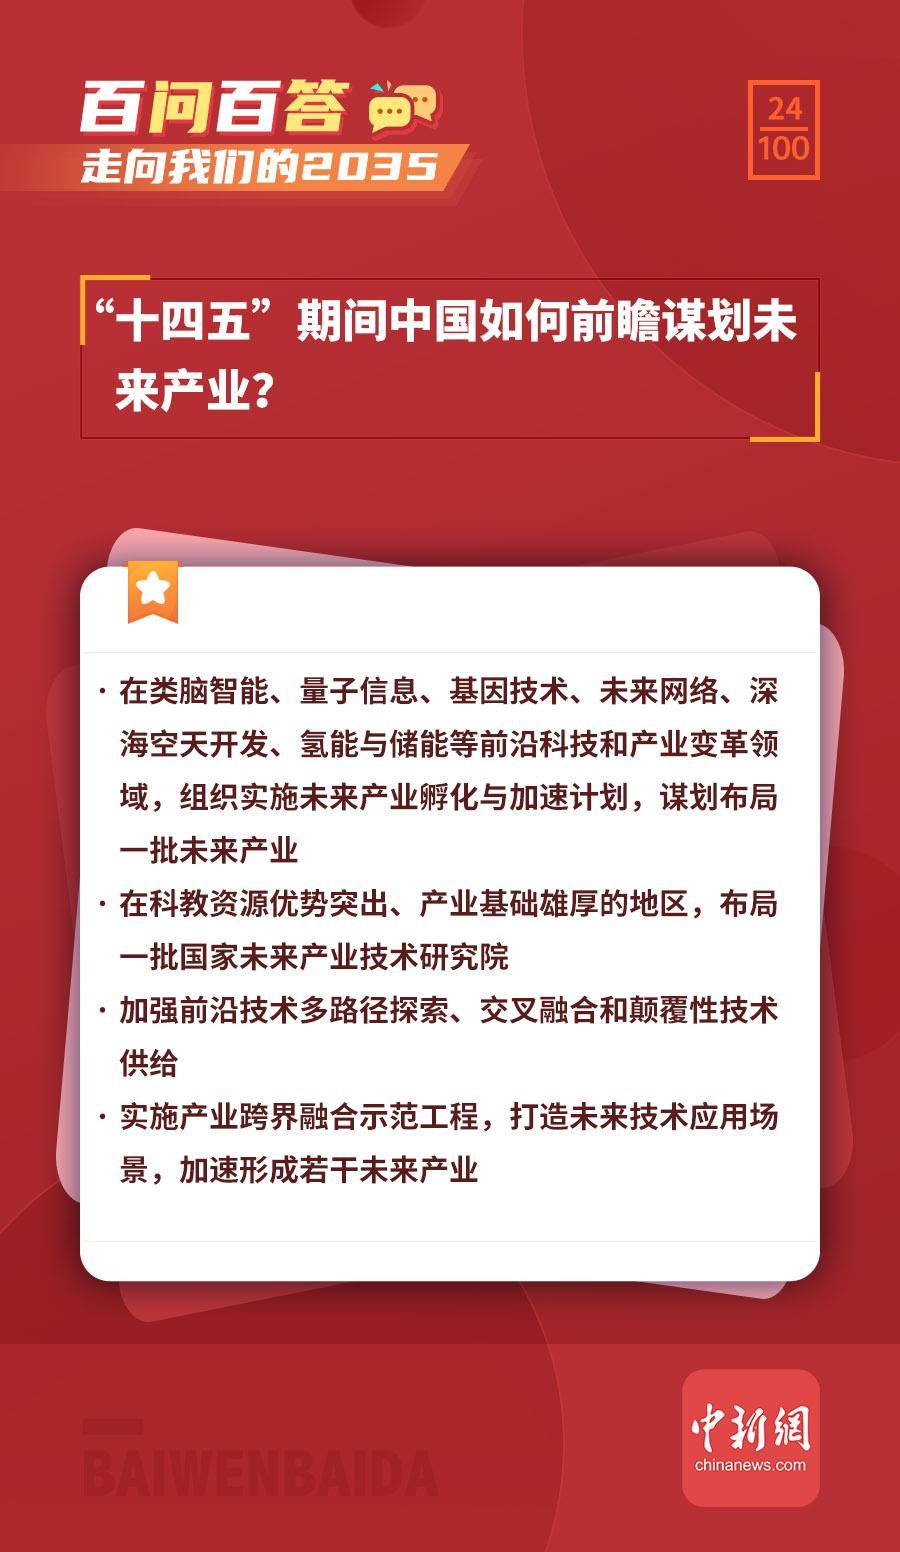 """【走向我们的2035·百问百答】""""十四五""""期间中国如何前瞻谋划未来产业?"""